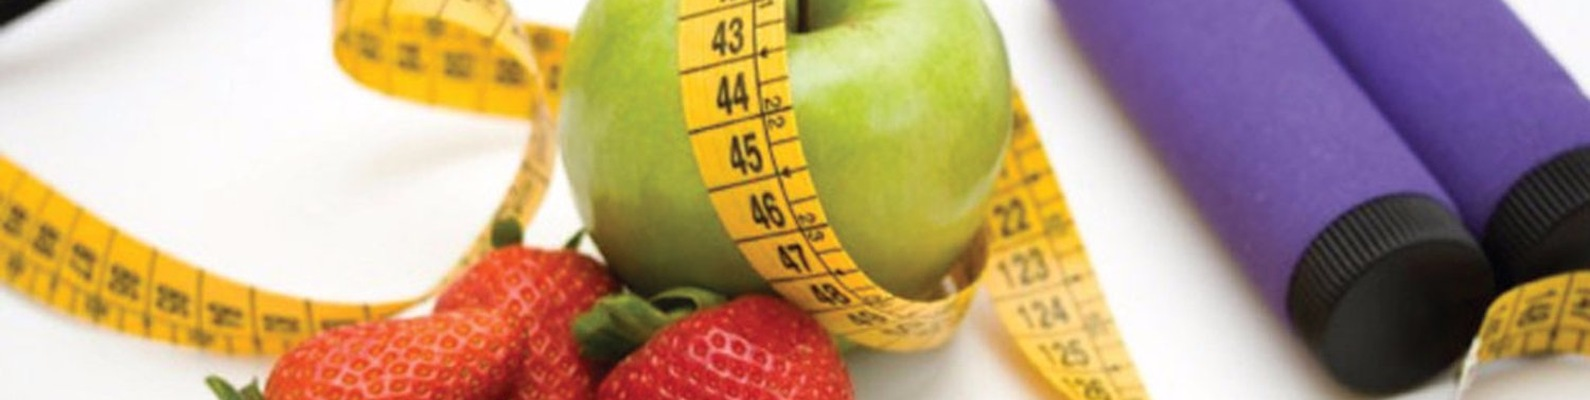 Проект Здоровья По Похудению. Как сбросить лишний вес. Примерное меню на неделю, программа Малышевой